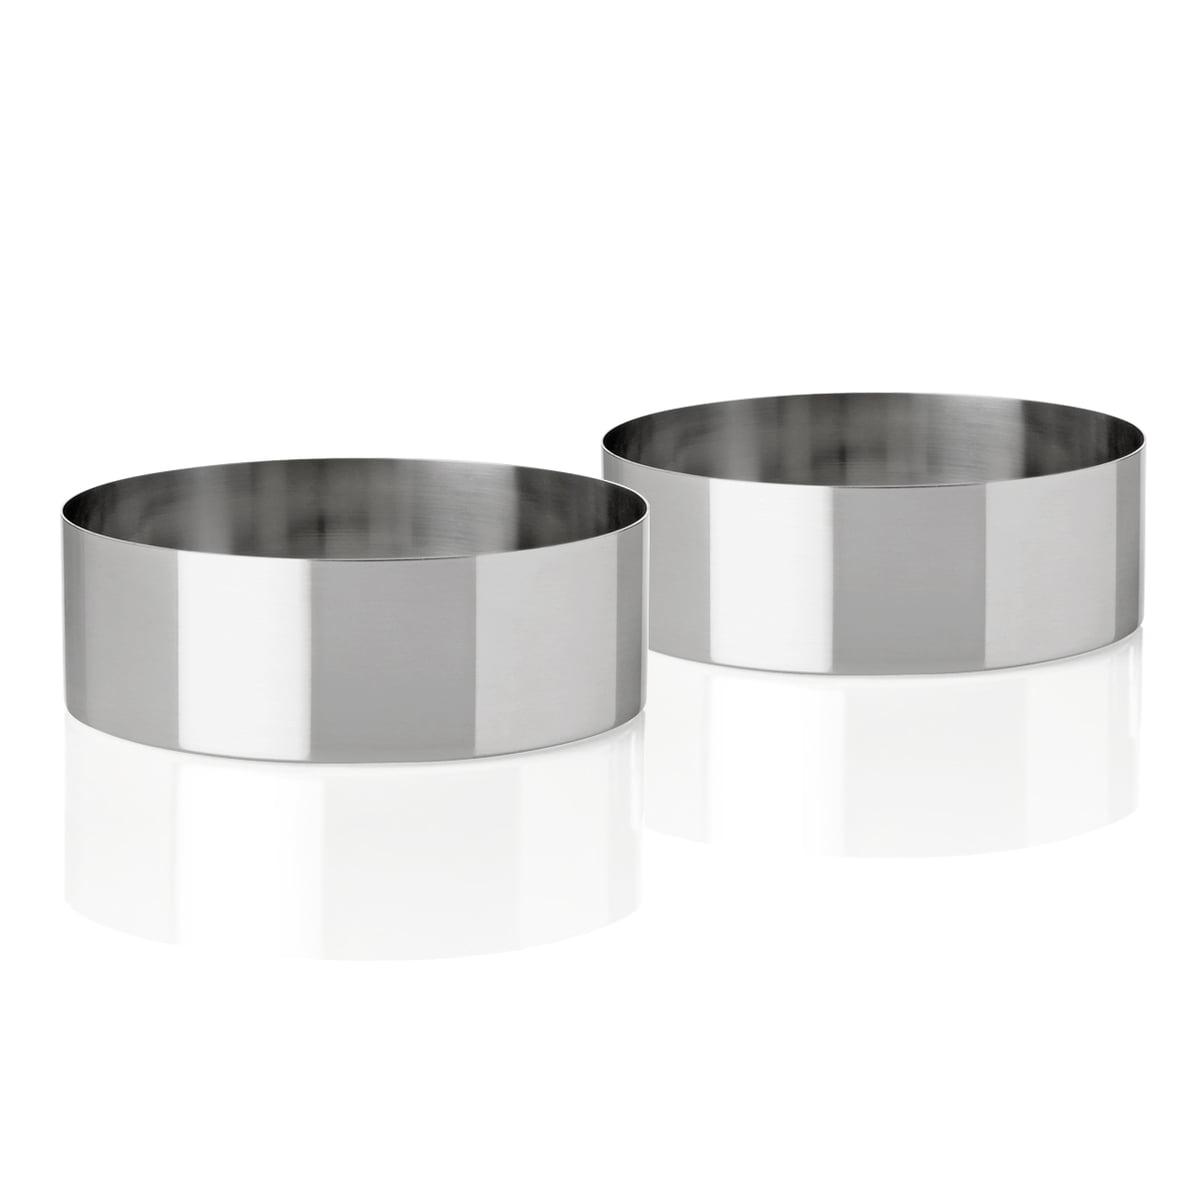 cylinda line snack bowl set of 2 by stelton. Black Bedroom Furniture Sets. Home Design Ideas